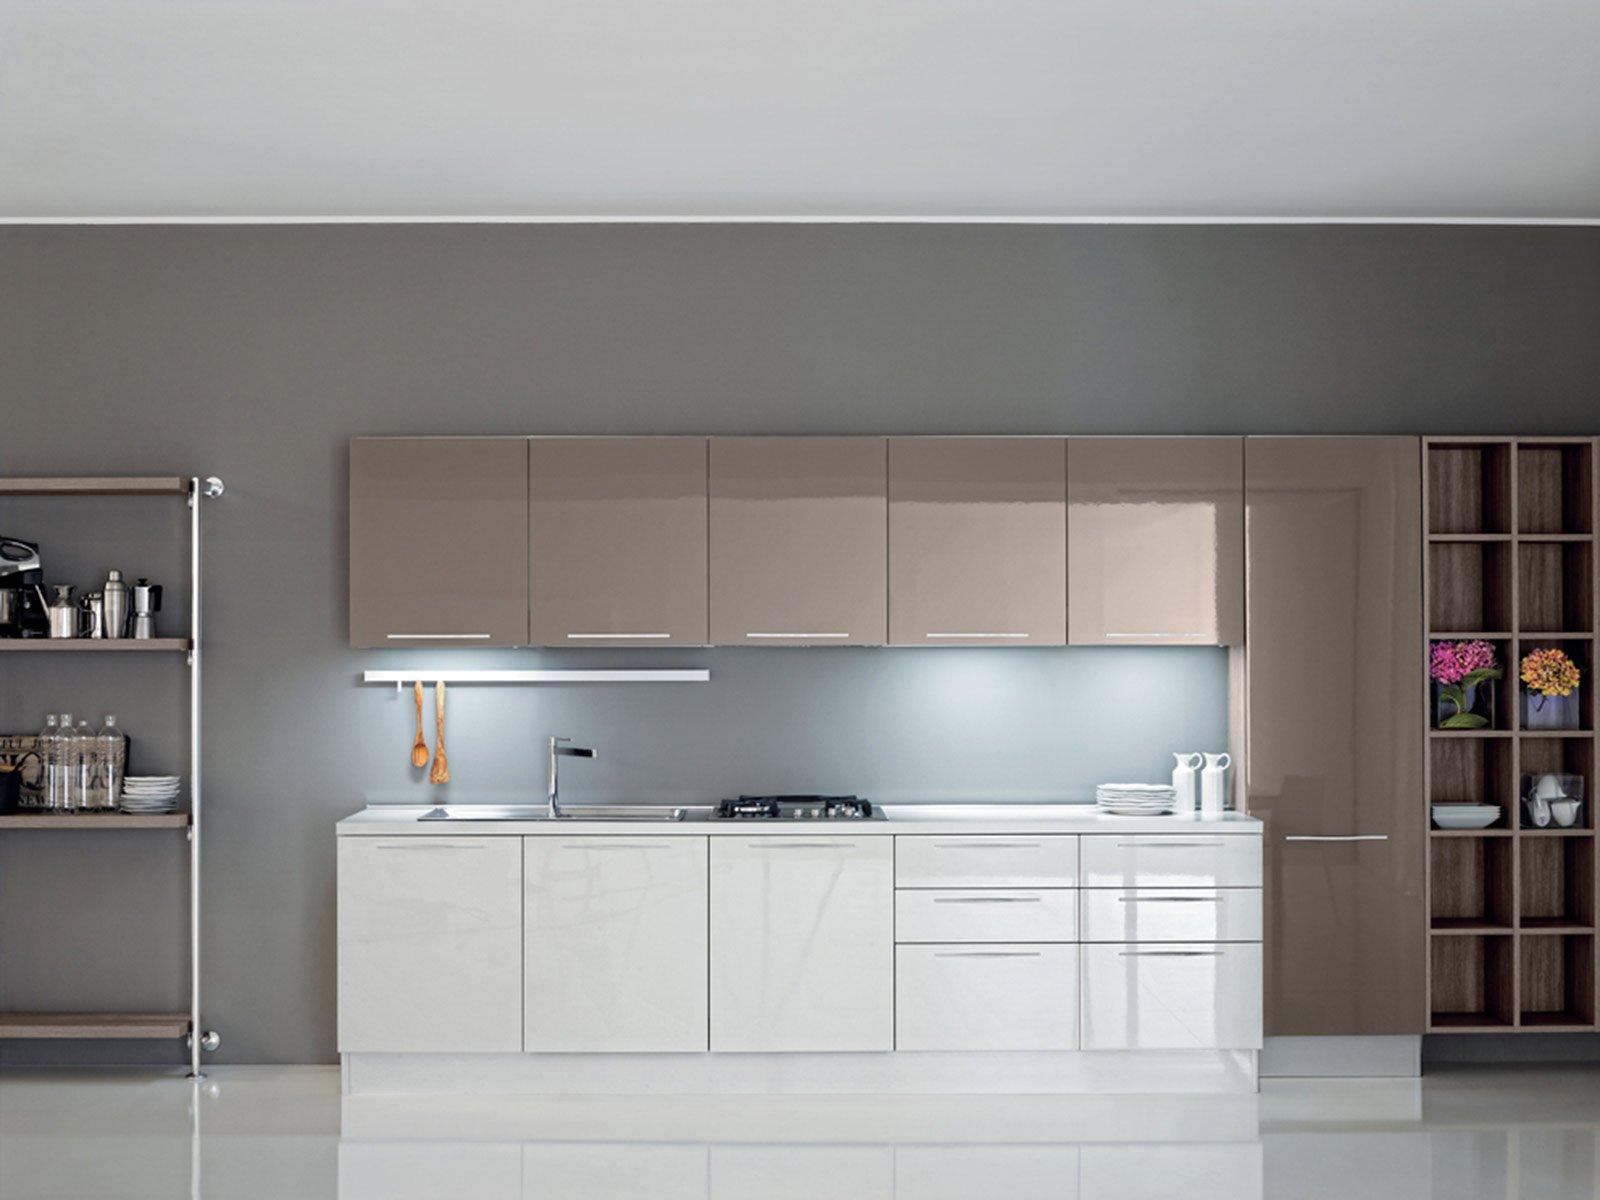 Cucina tante soluzioni per illuminarla cose di casa - Cucina bianca e tortora ...